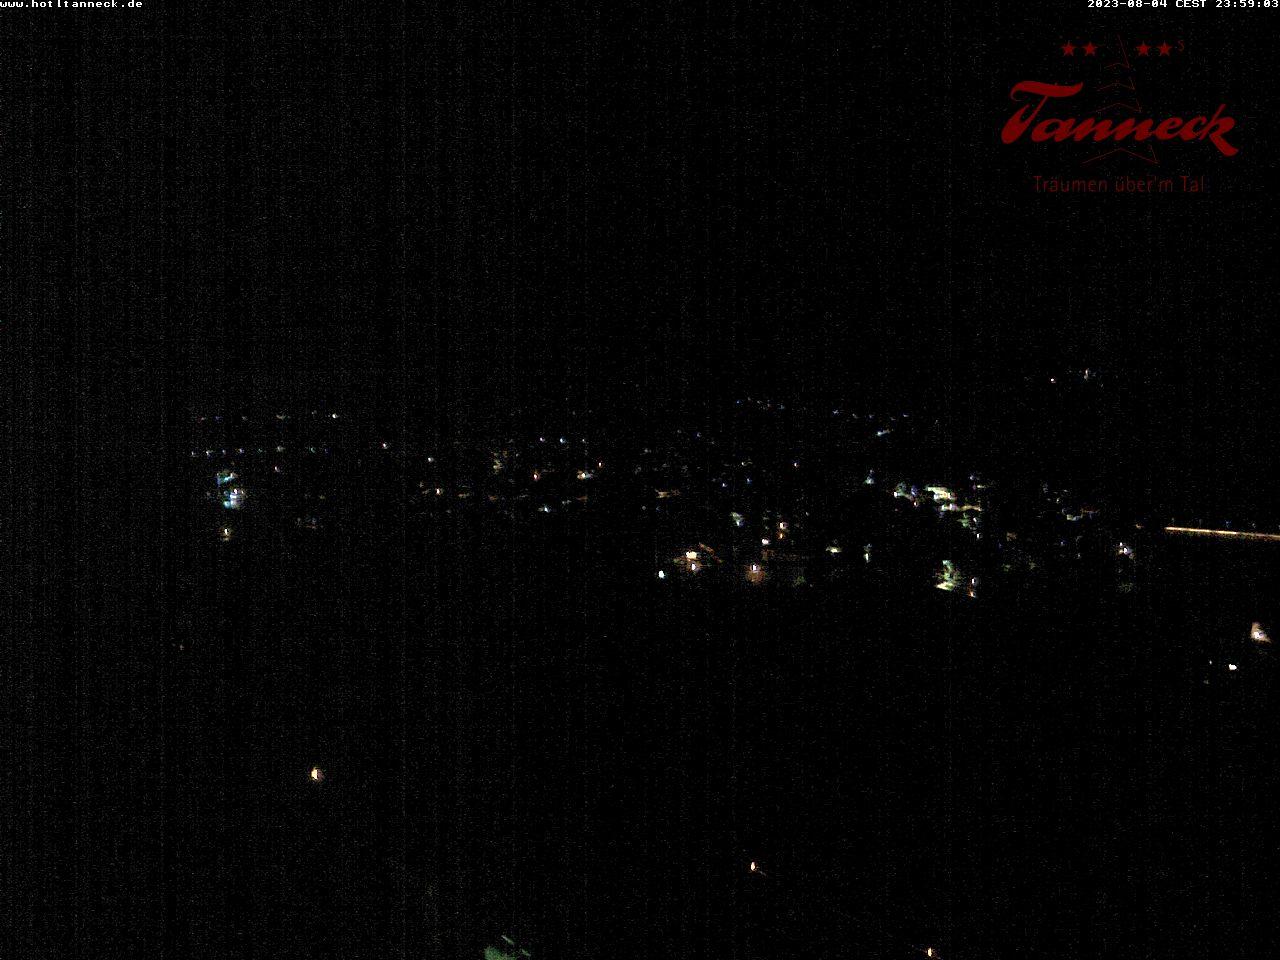 Webcam-Bild: Webcam - Tanneck - träumen über'm Tal